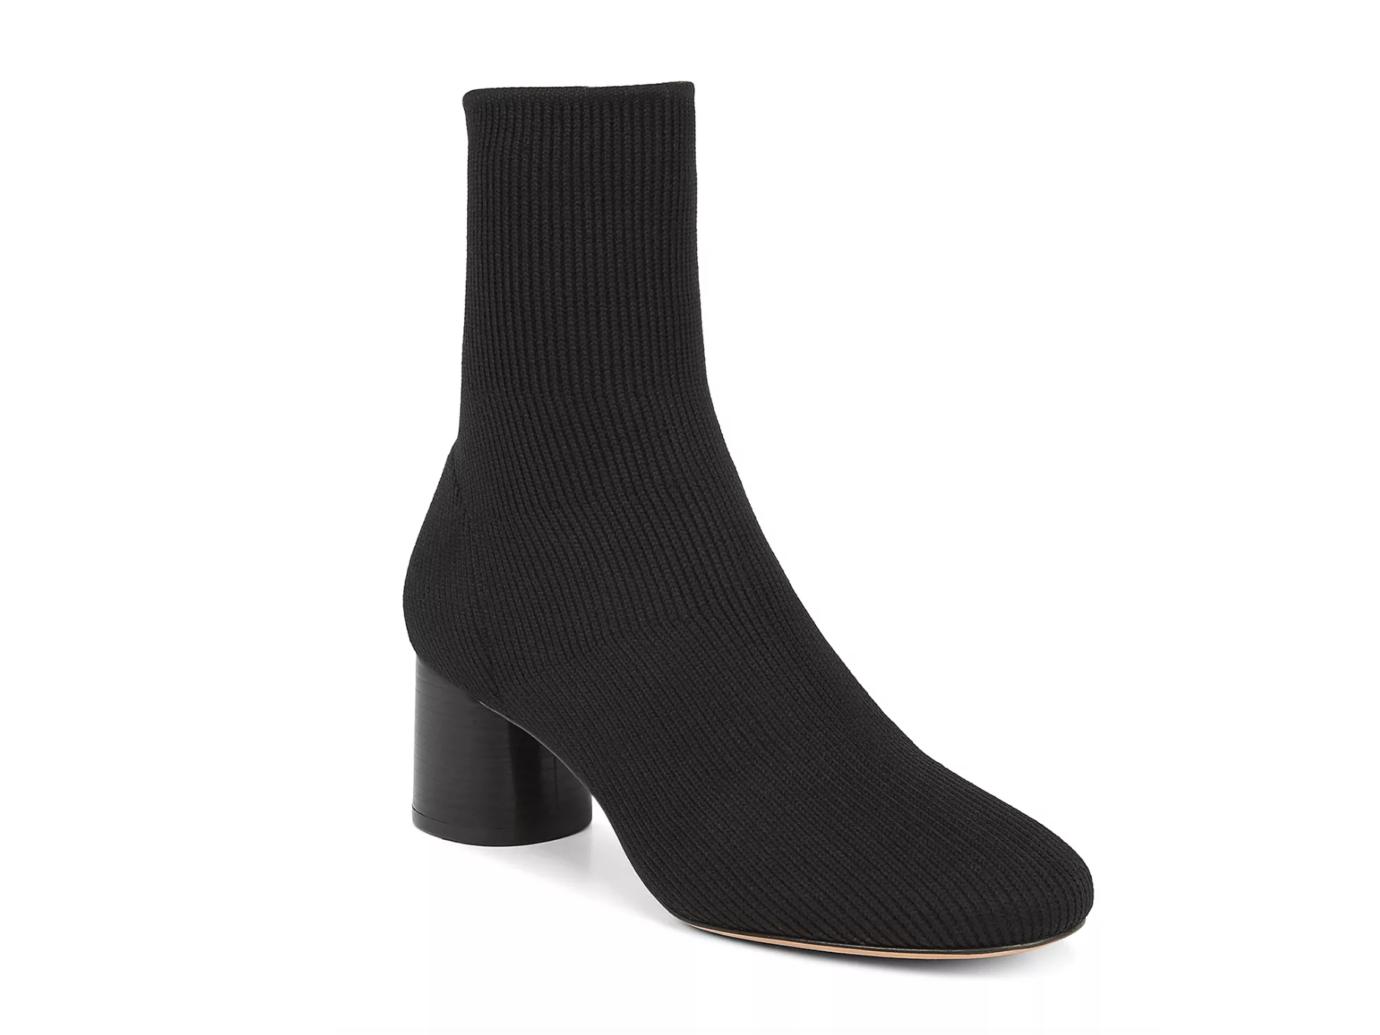 Vince Tasha Round-Toe Mid-Heel Knit Booties